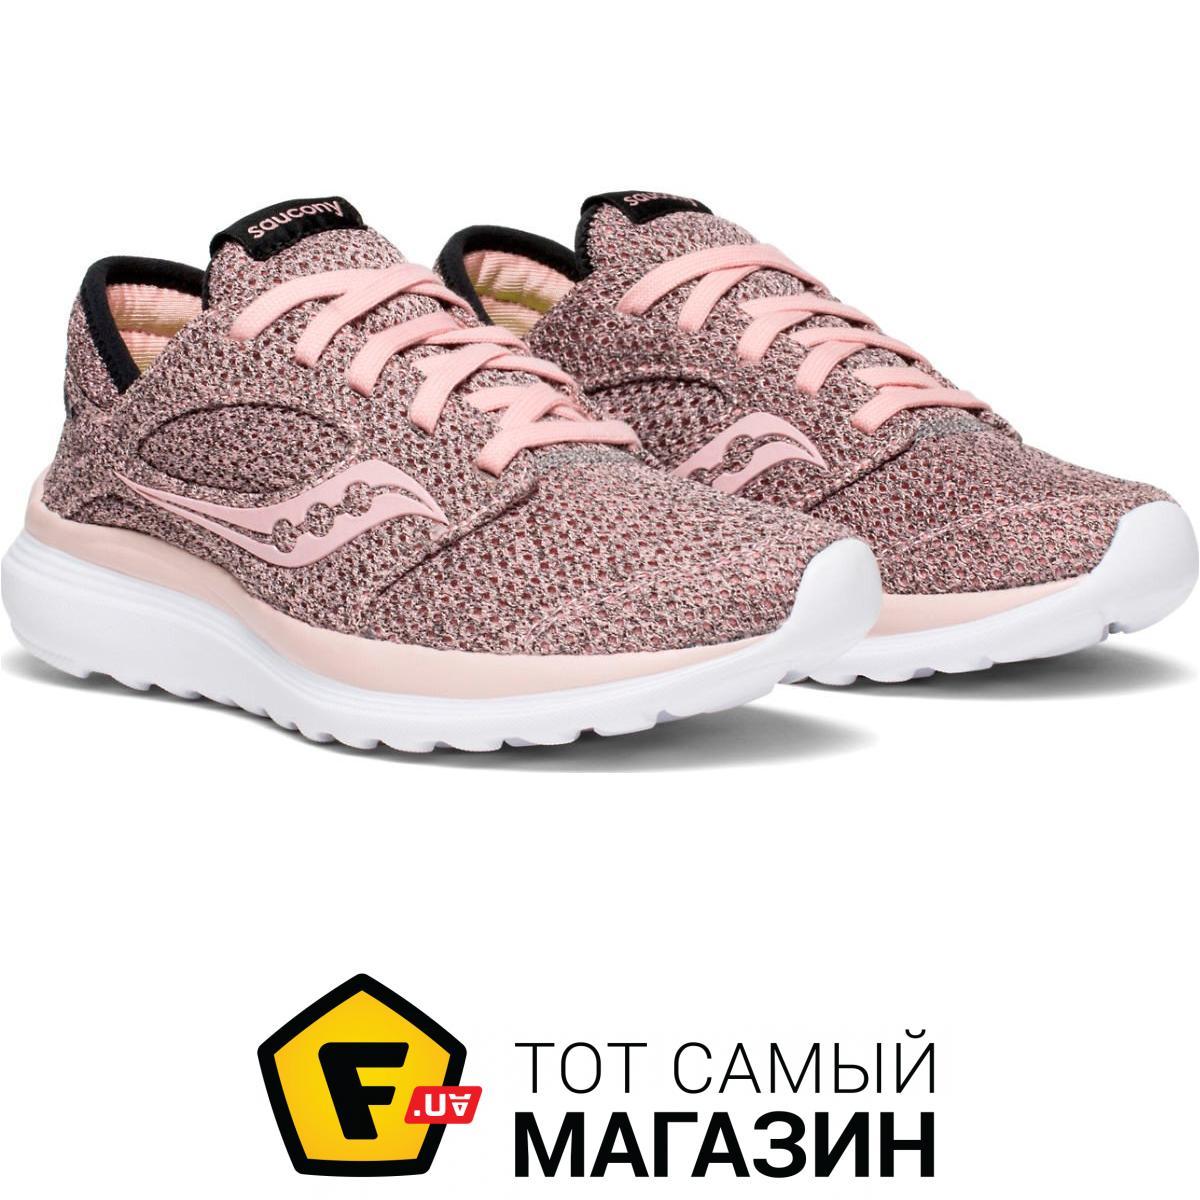 f29b31e20b16 ᐈ SAUCONY Kineta Relay 9, pink black ~ Купить  ЦЕНА Снижена SAUCONY ...